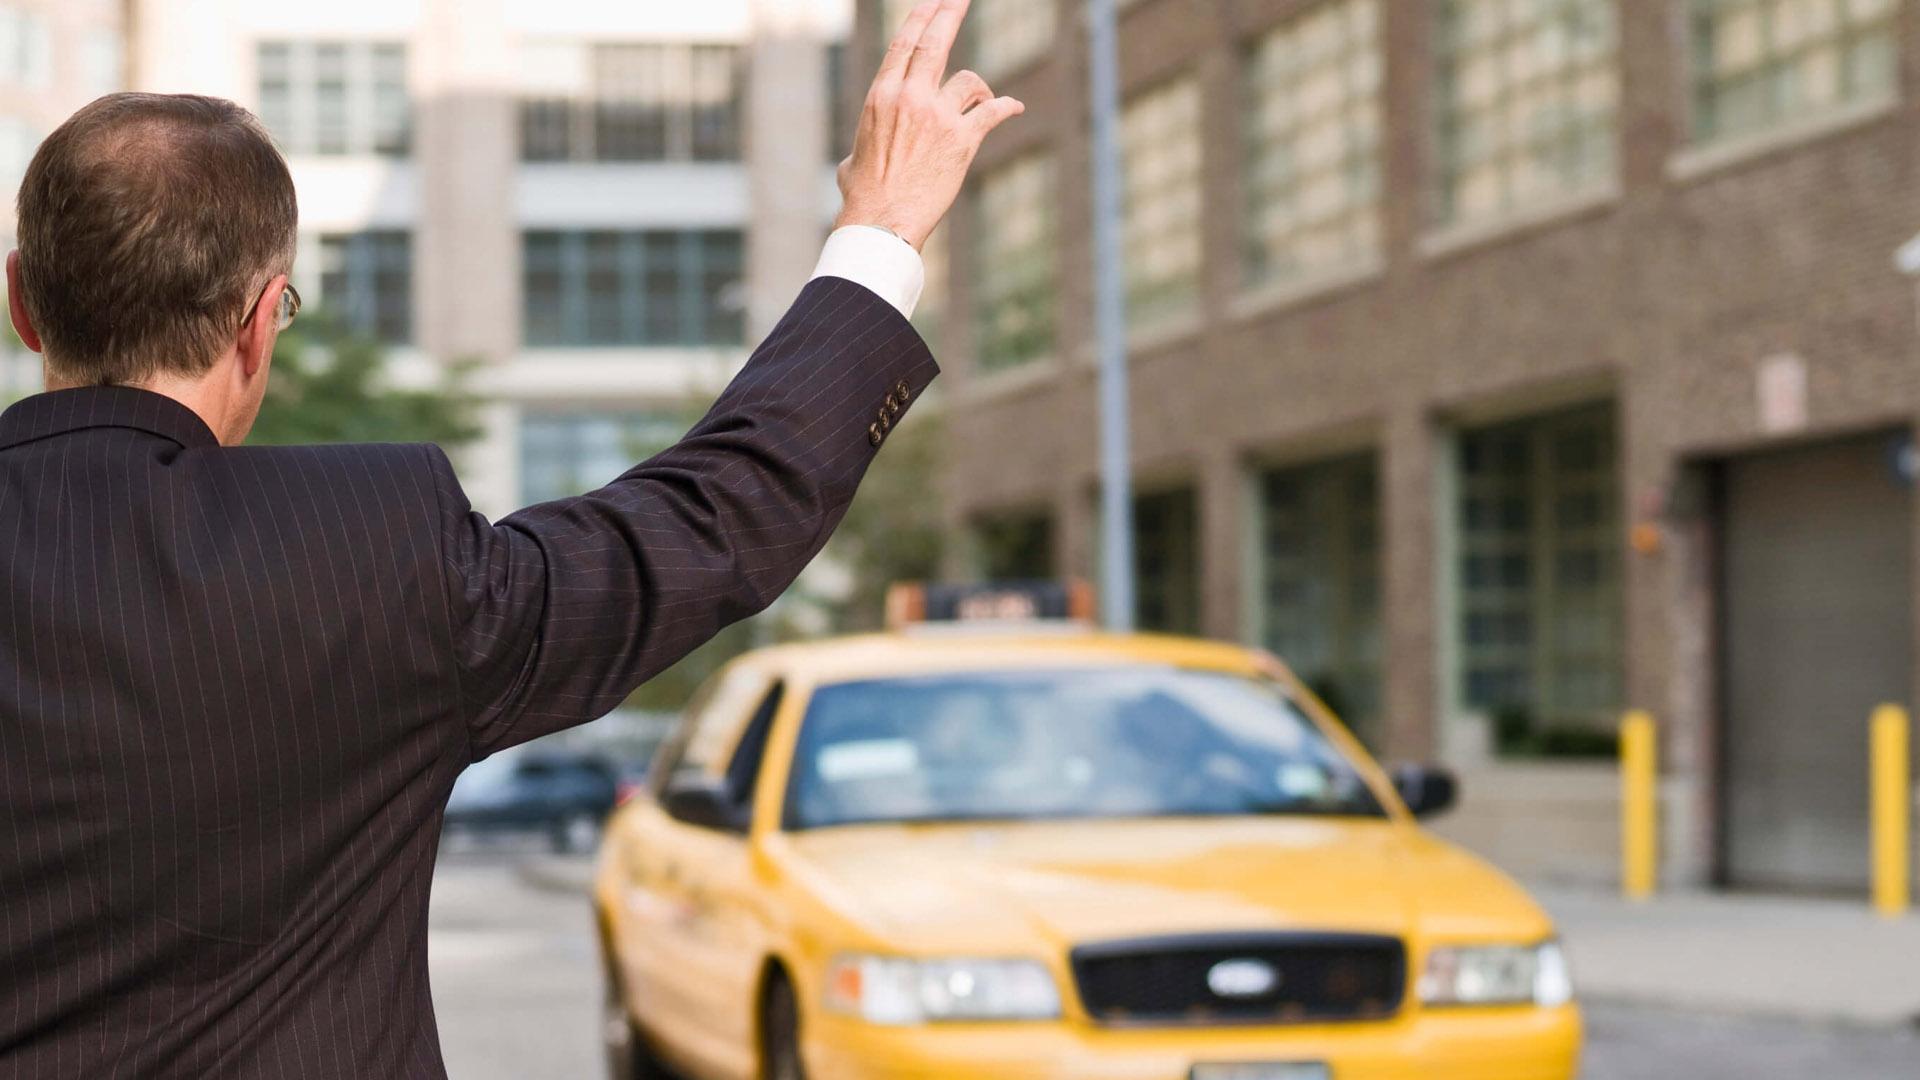 Россияне считают такси выгоднее личного транспорта